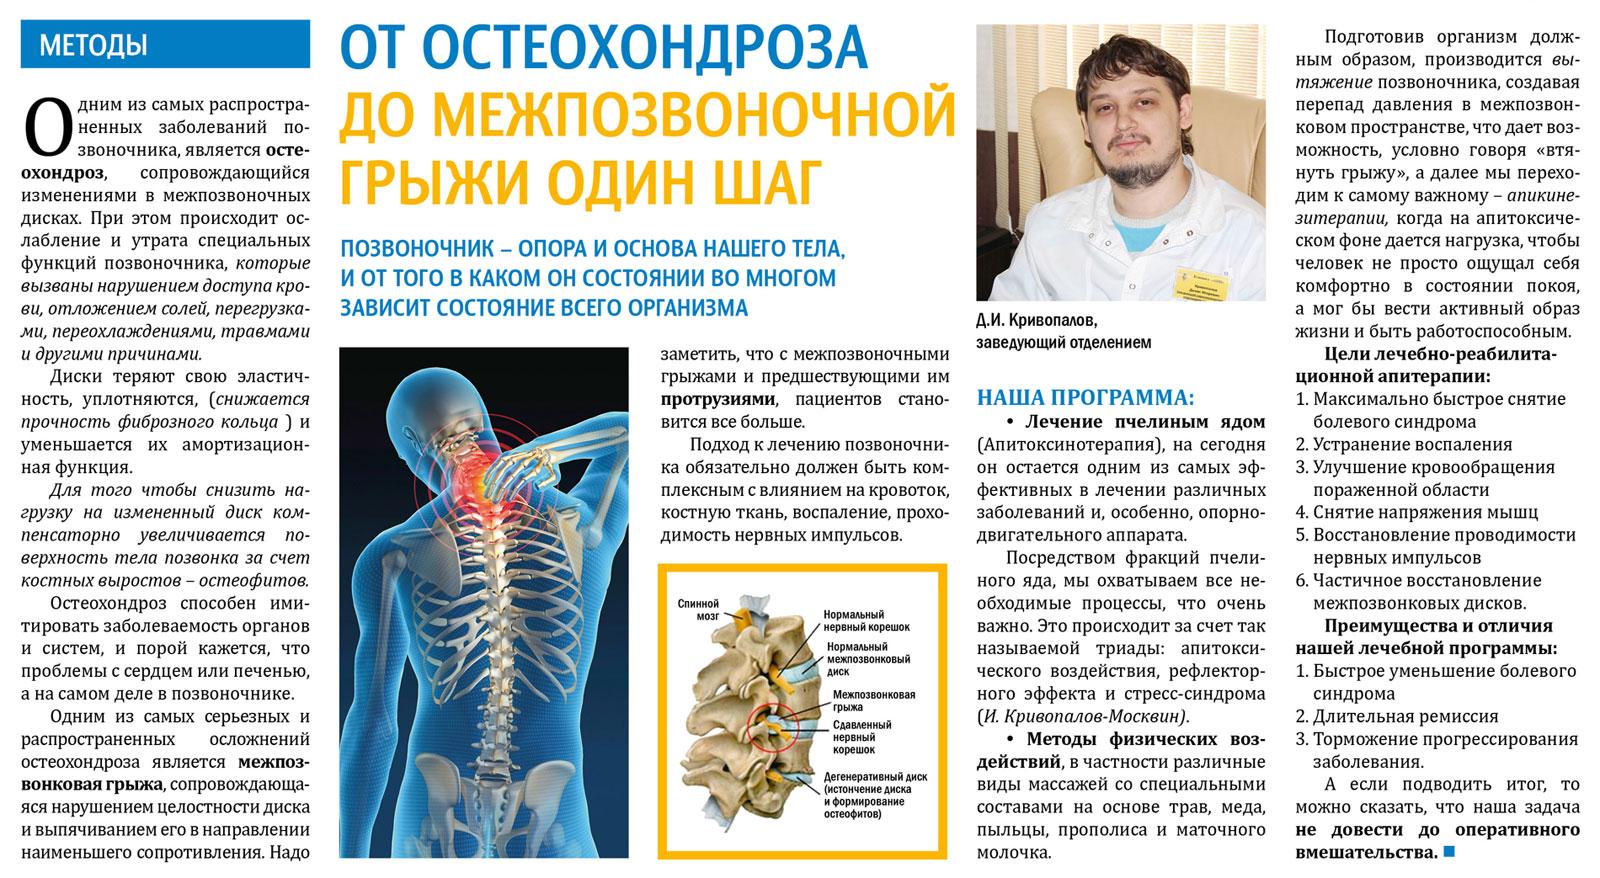 Новые методы лечения ревматоидного артрита в россии и за рубежом